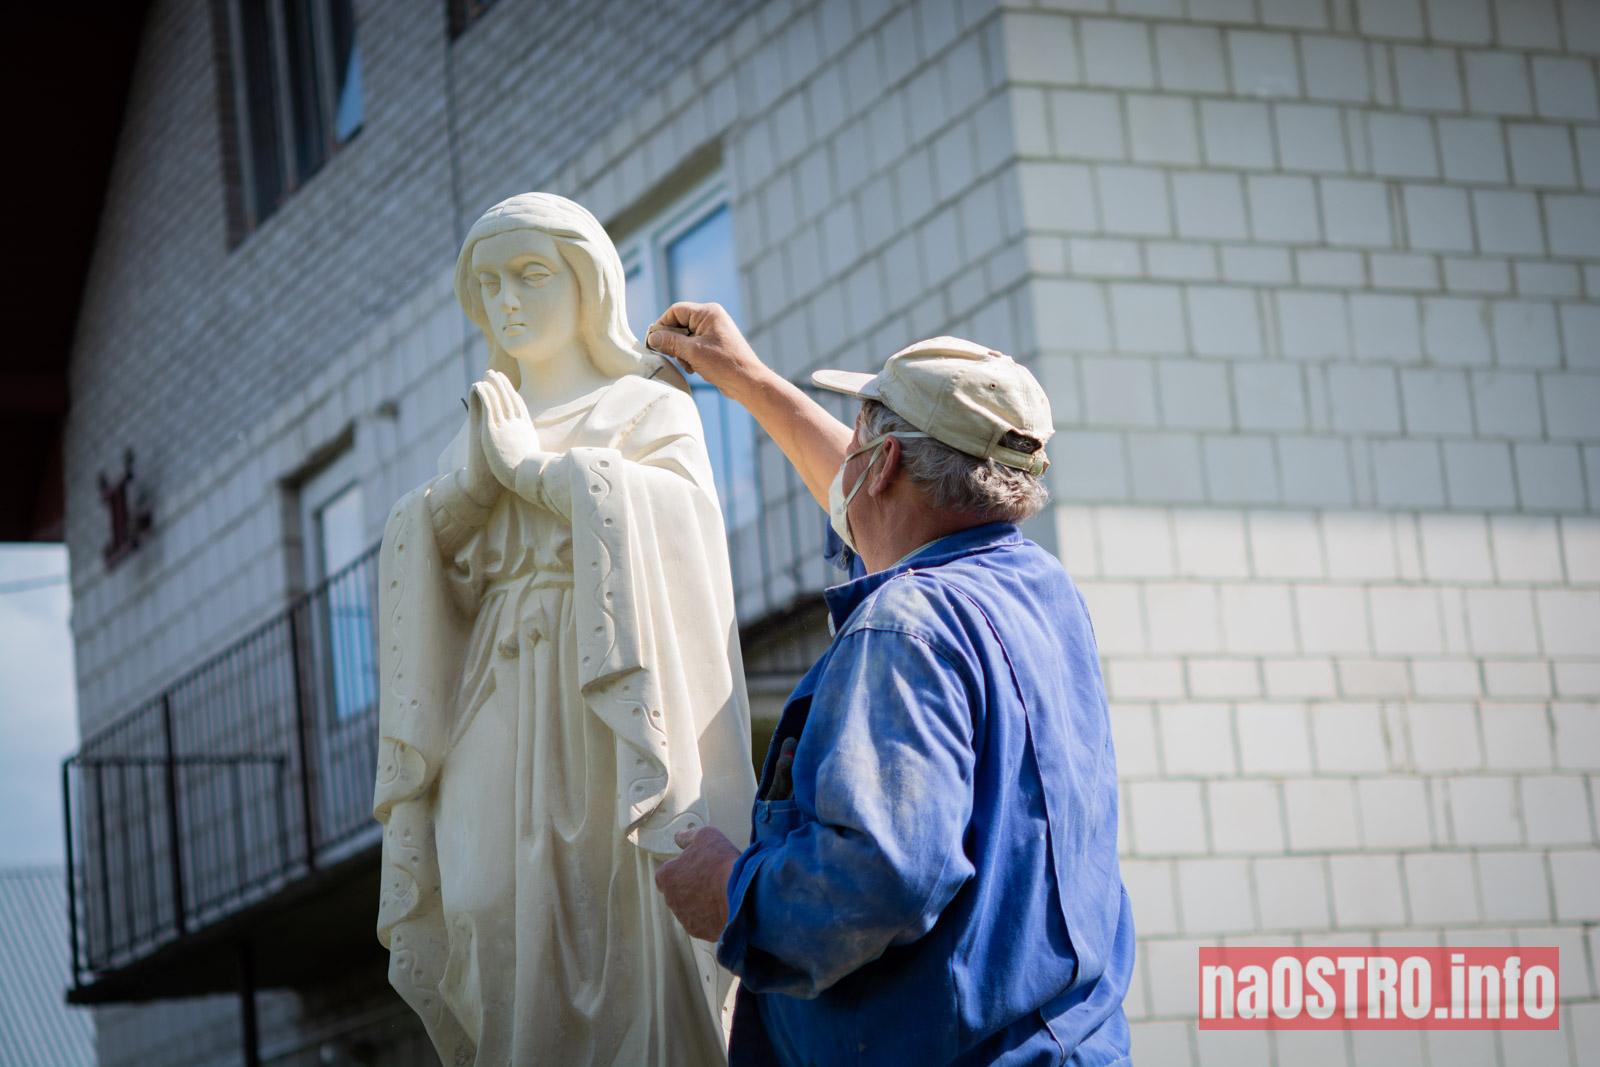 NaOSTRO Renowacja Matki Bożej Nietulisko Małe-8